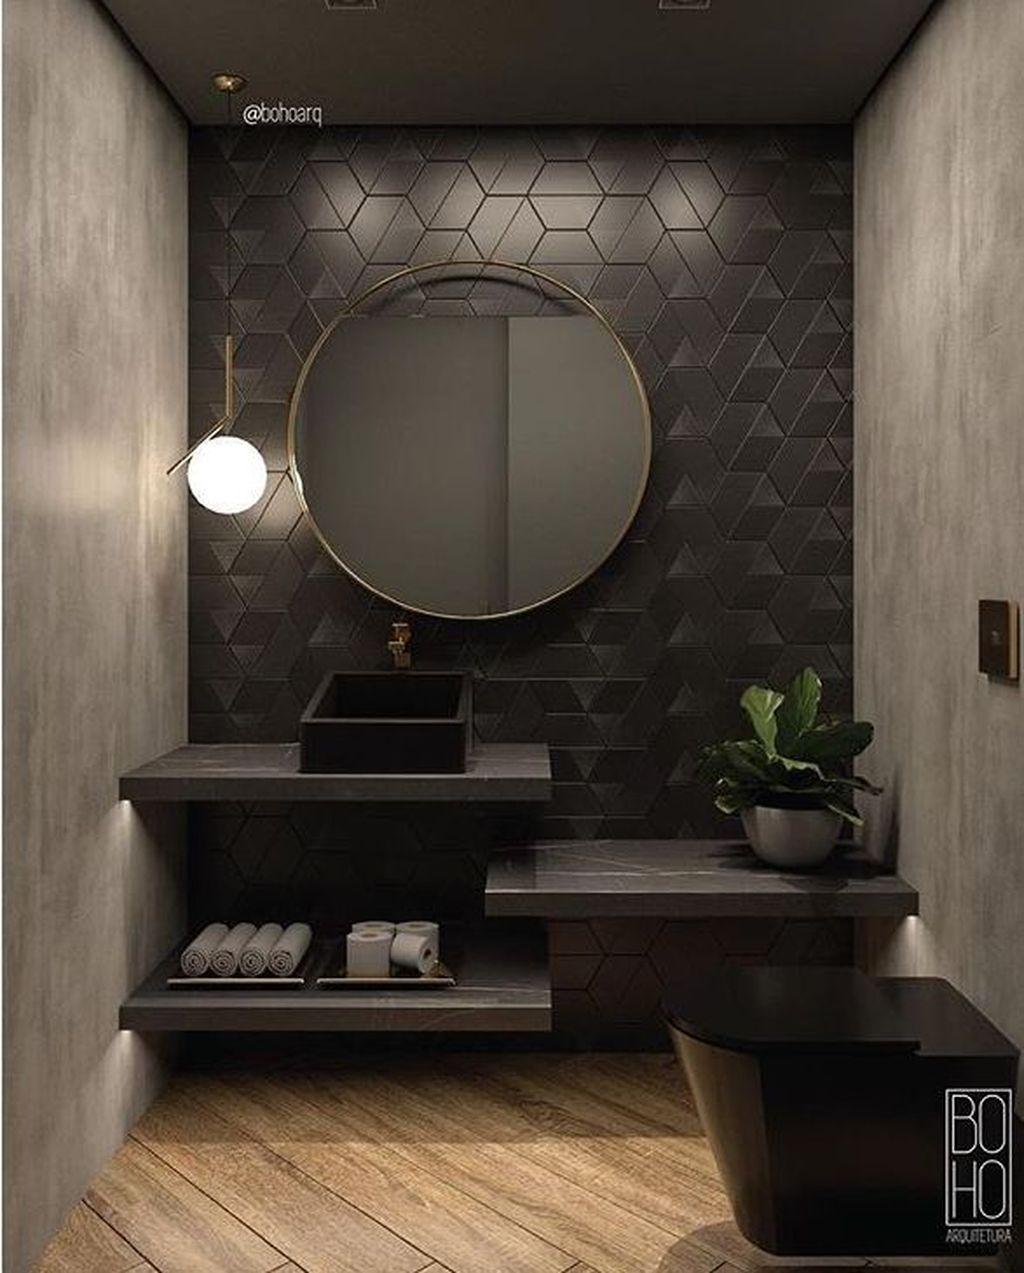 Amazing Texture Interior Design Ideas 31